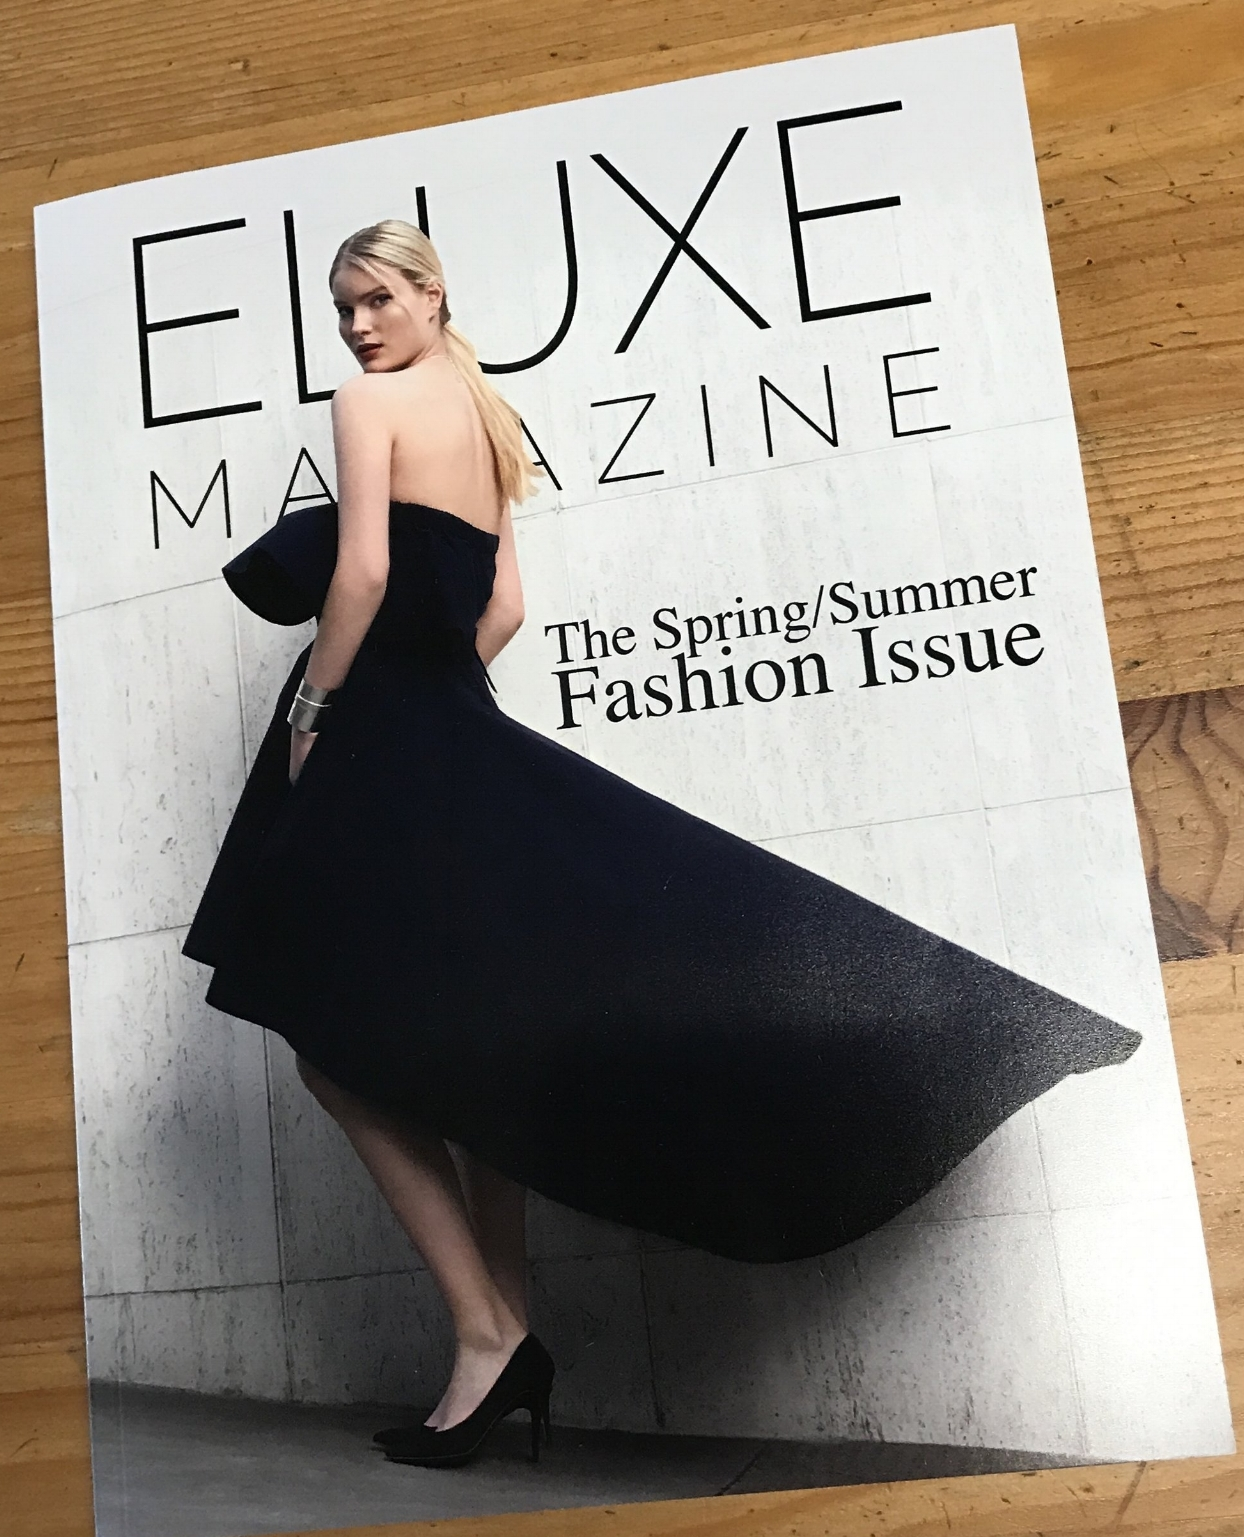 Eluxe Magazine Print-1.jpg